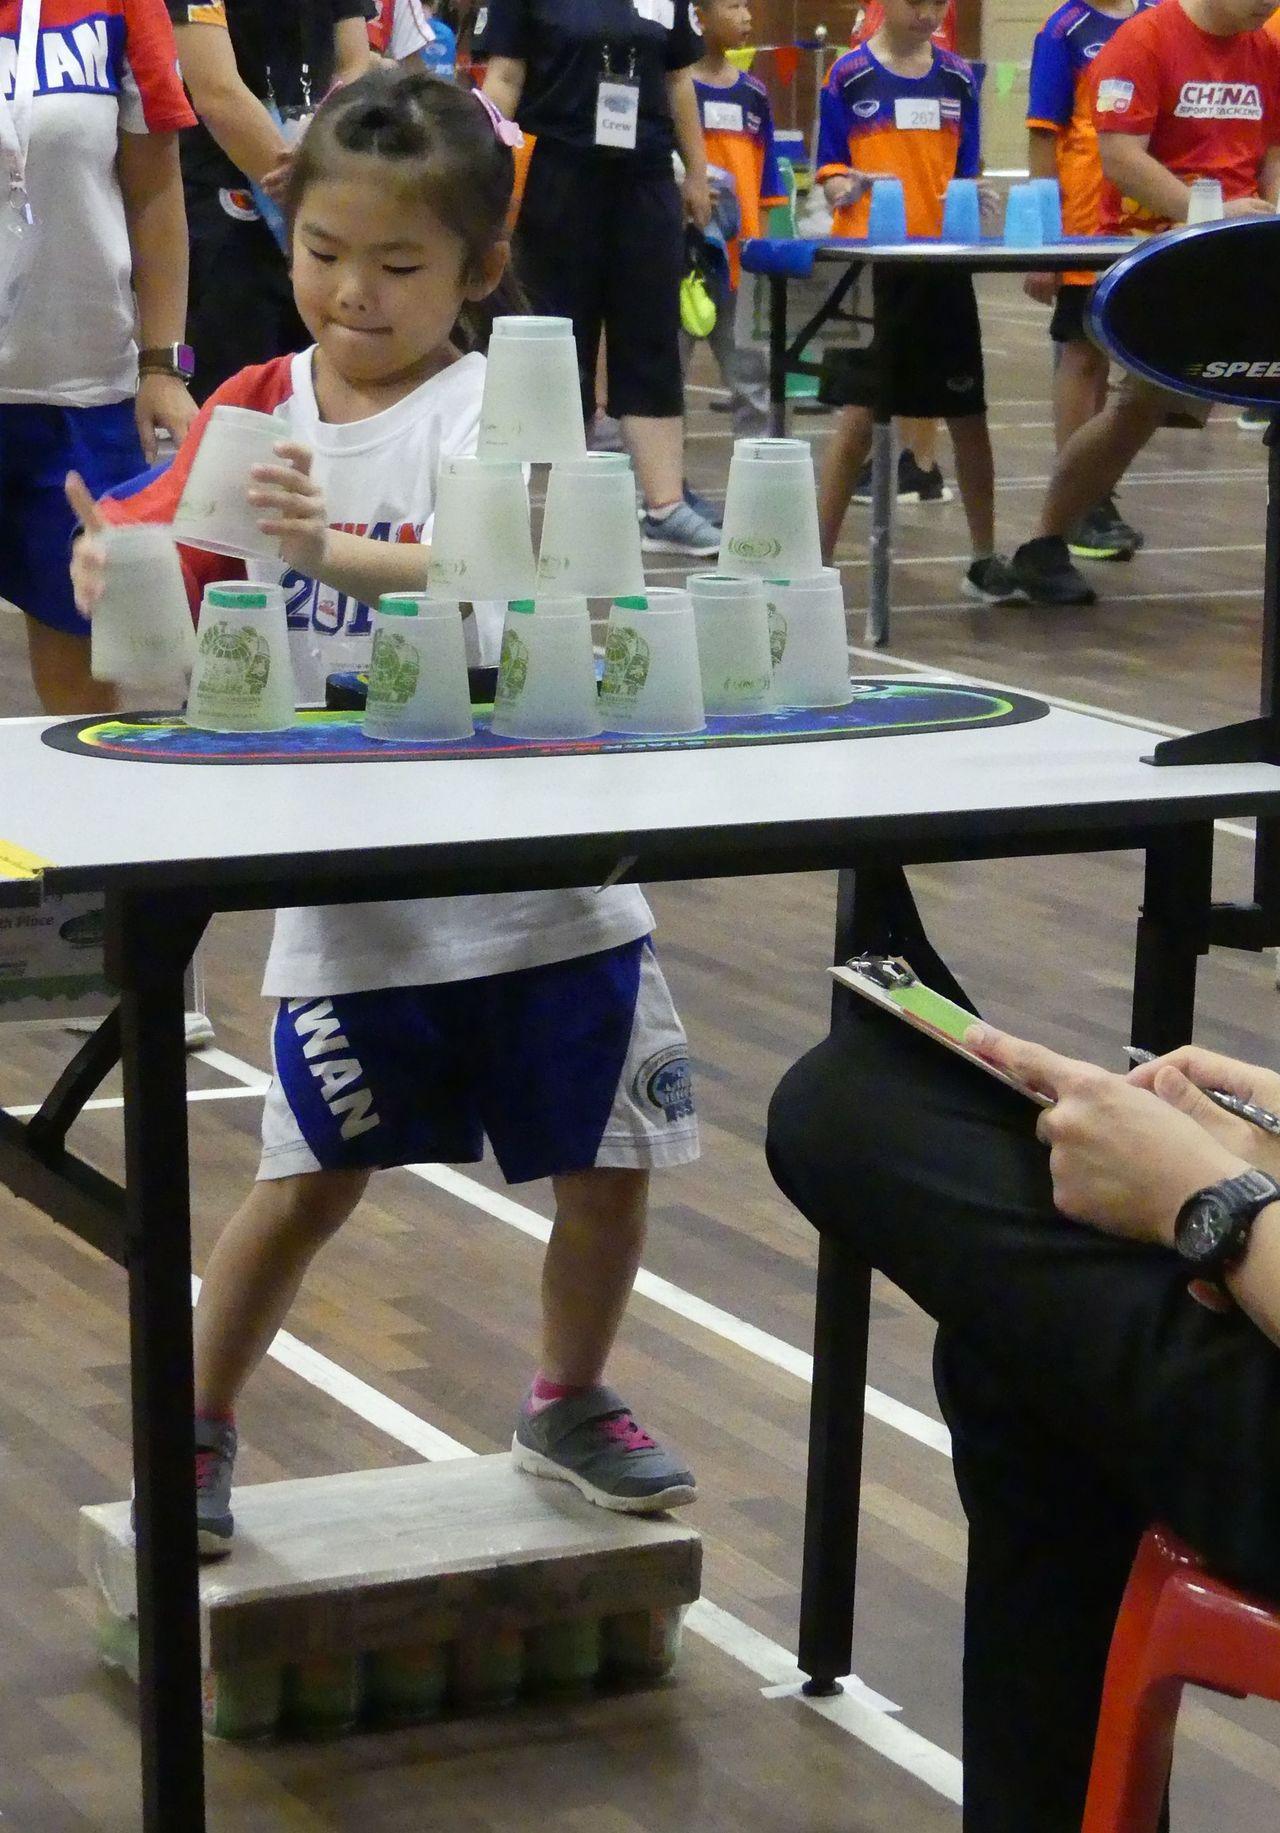 來自桃園的魏宇晨年僅5歲,是中華隊年紀最小的選手,身高只有114公分,家長專程到...